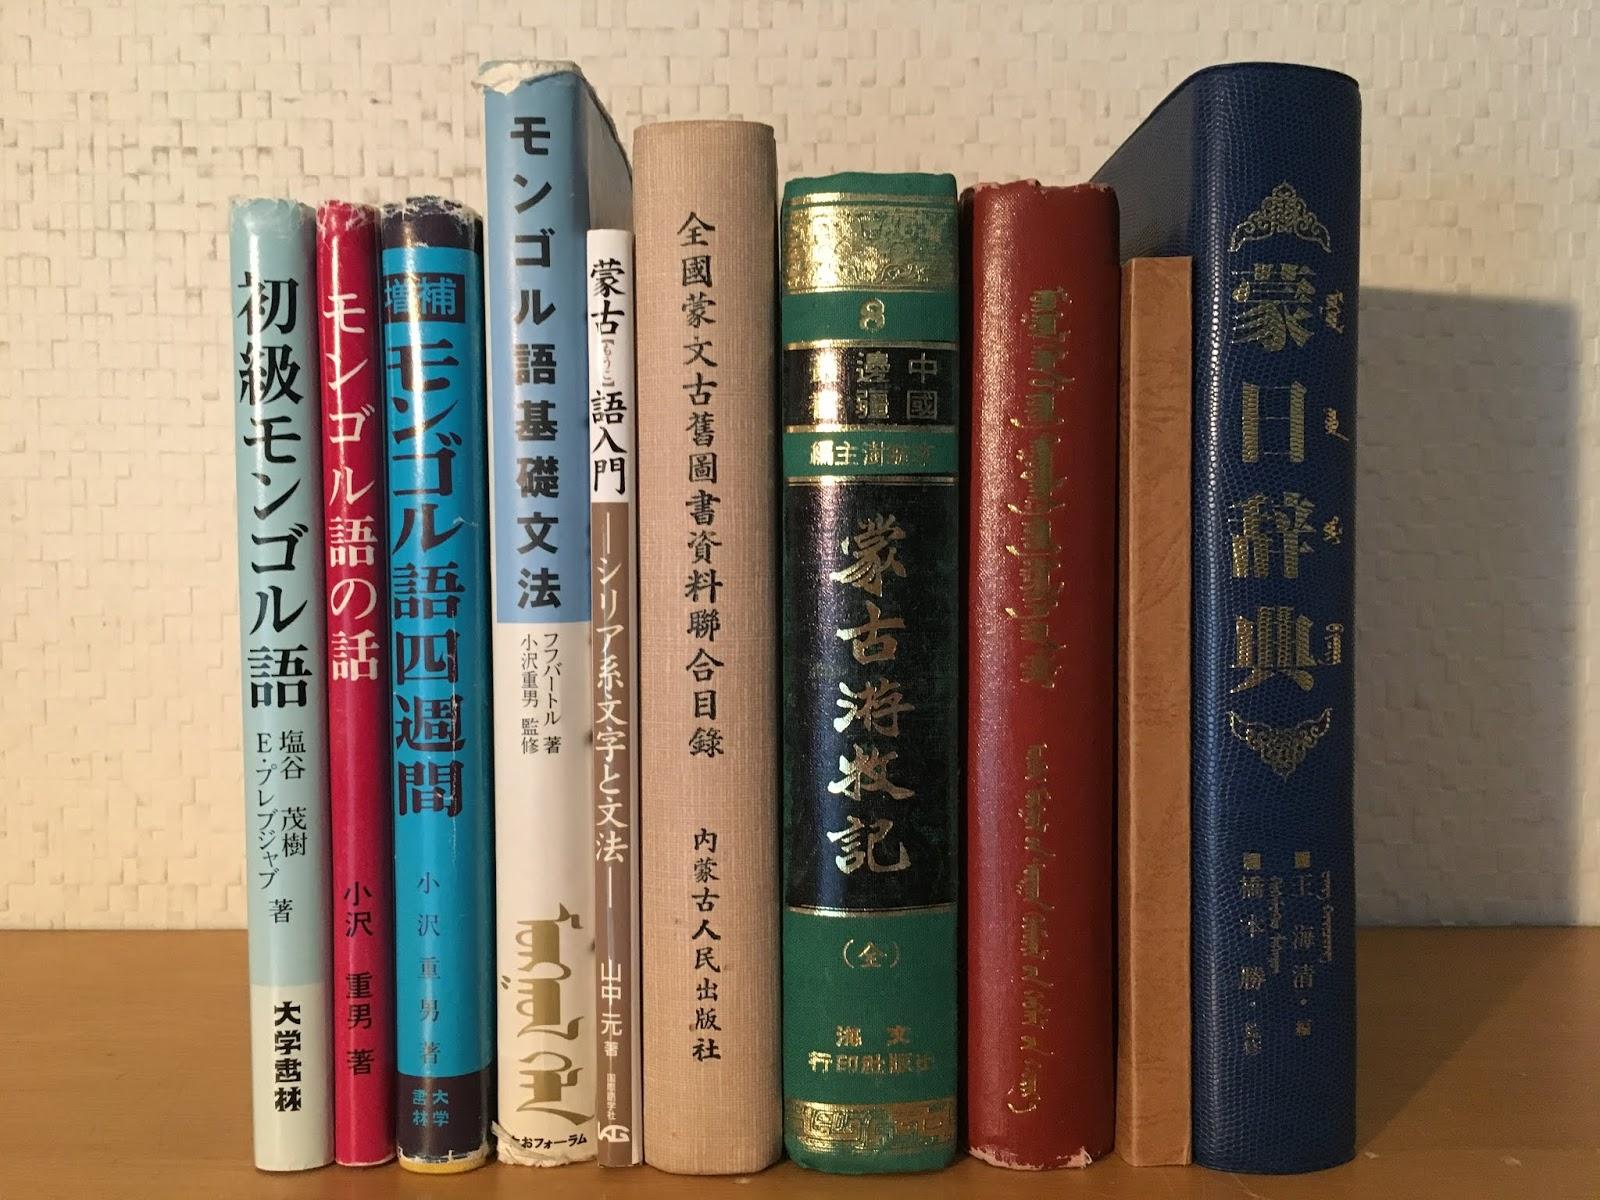 mikazuki books online 三日月書...